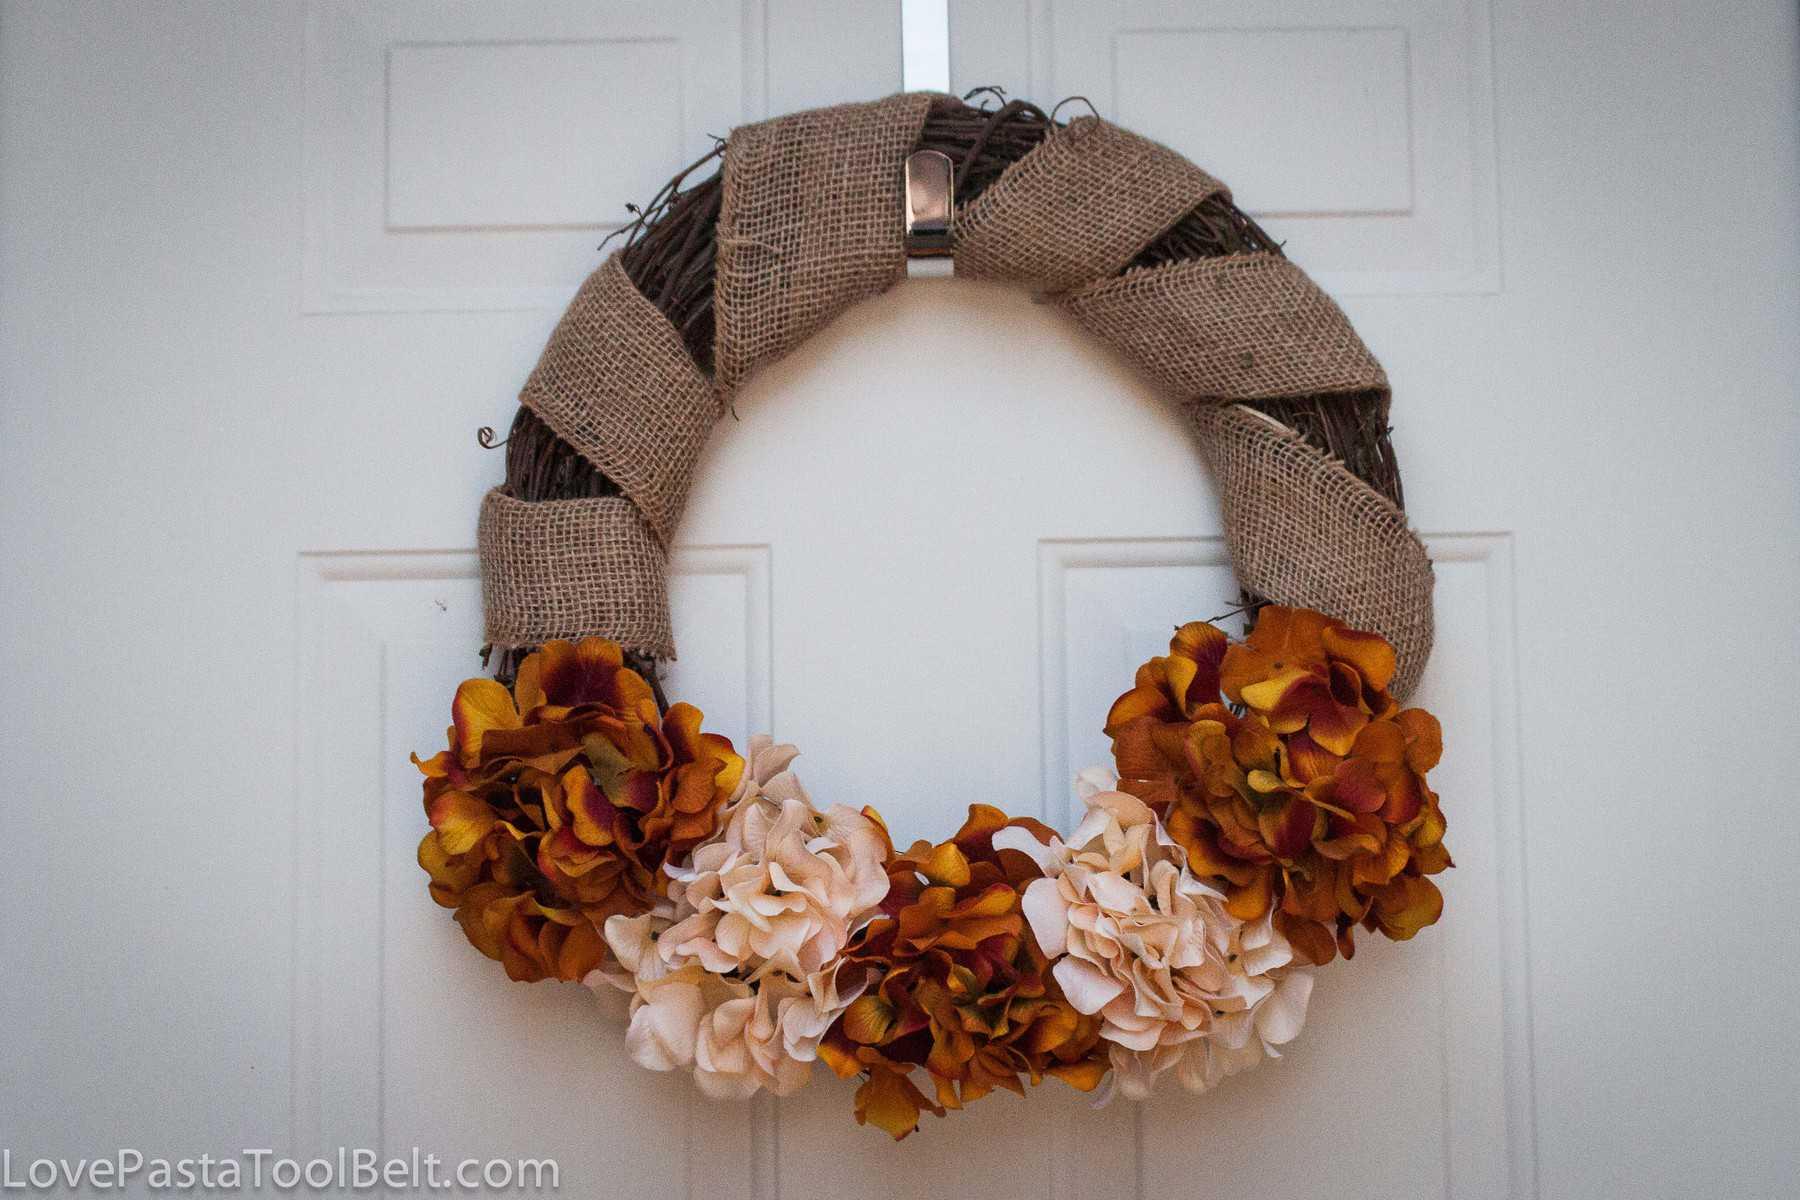 Craft Supplies To Make Wreaths